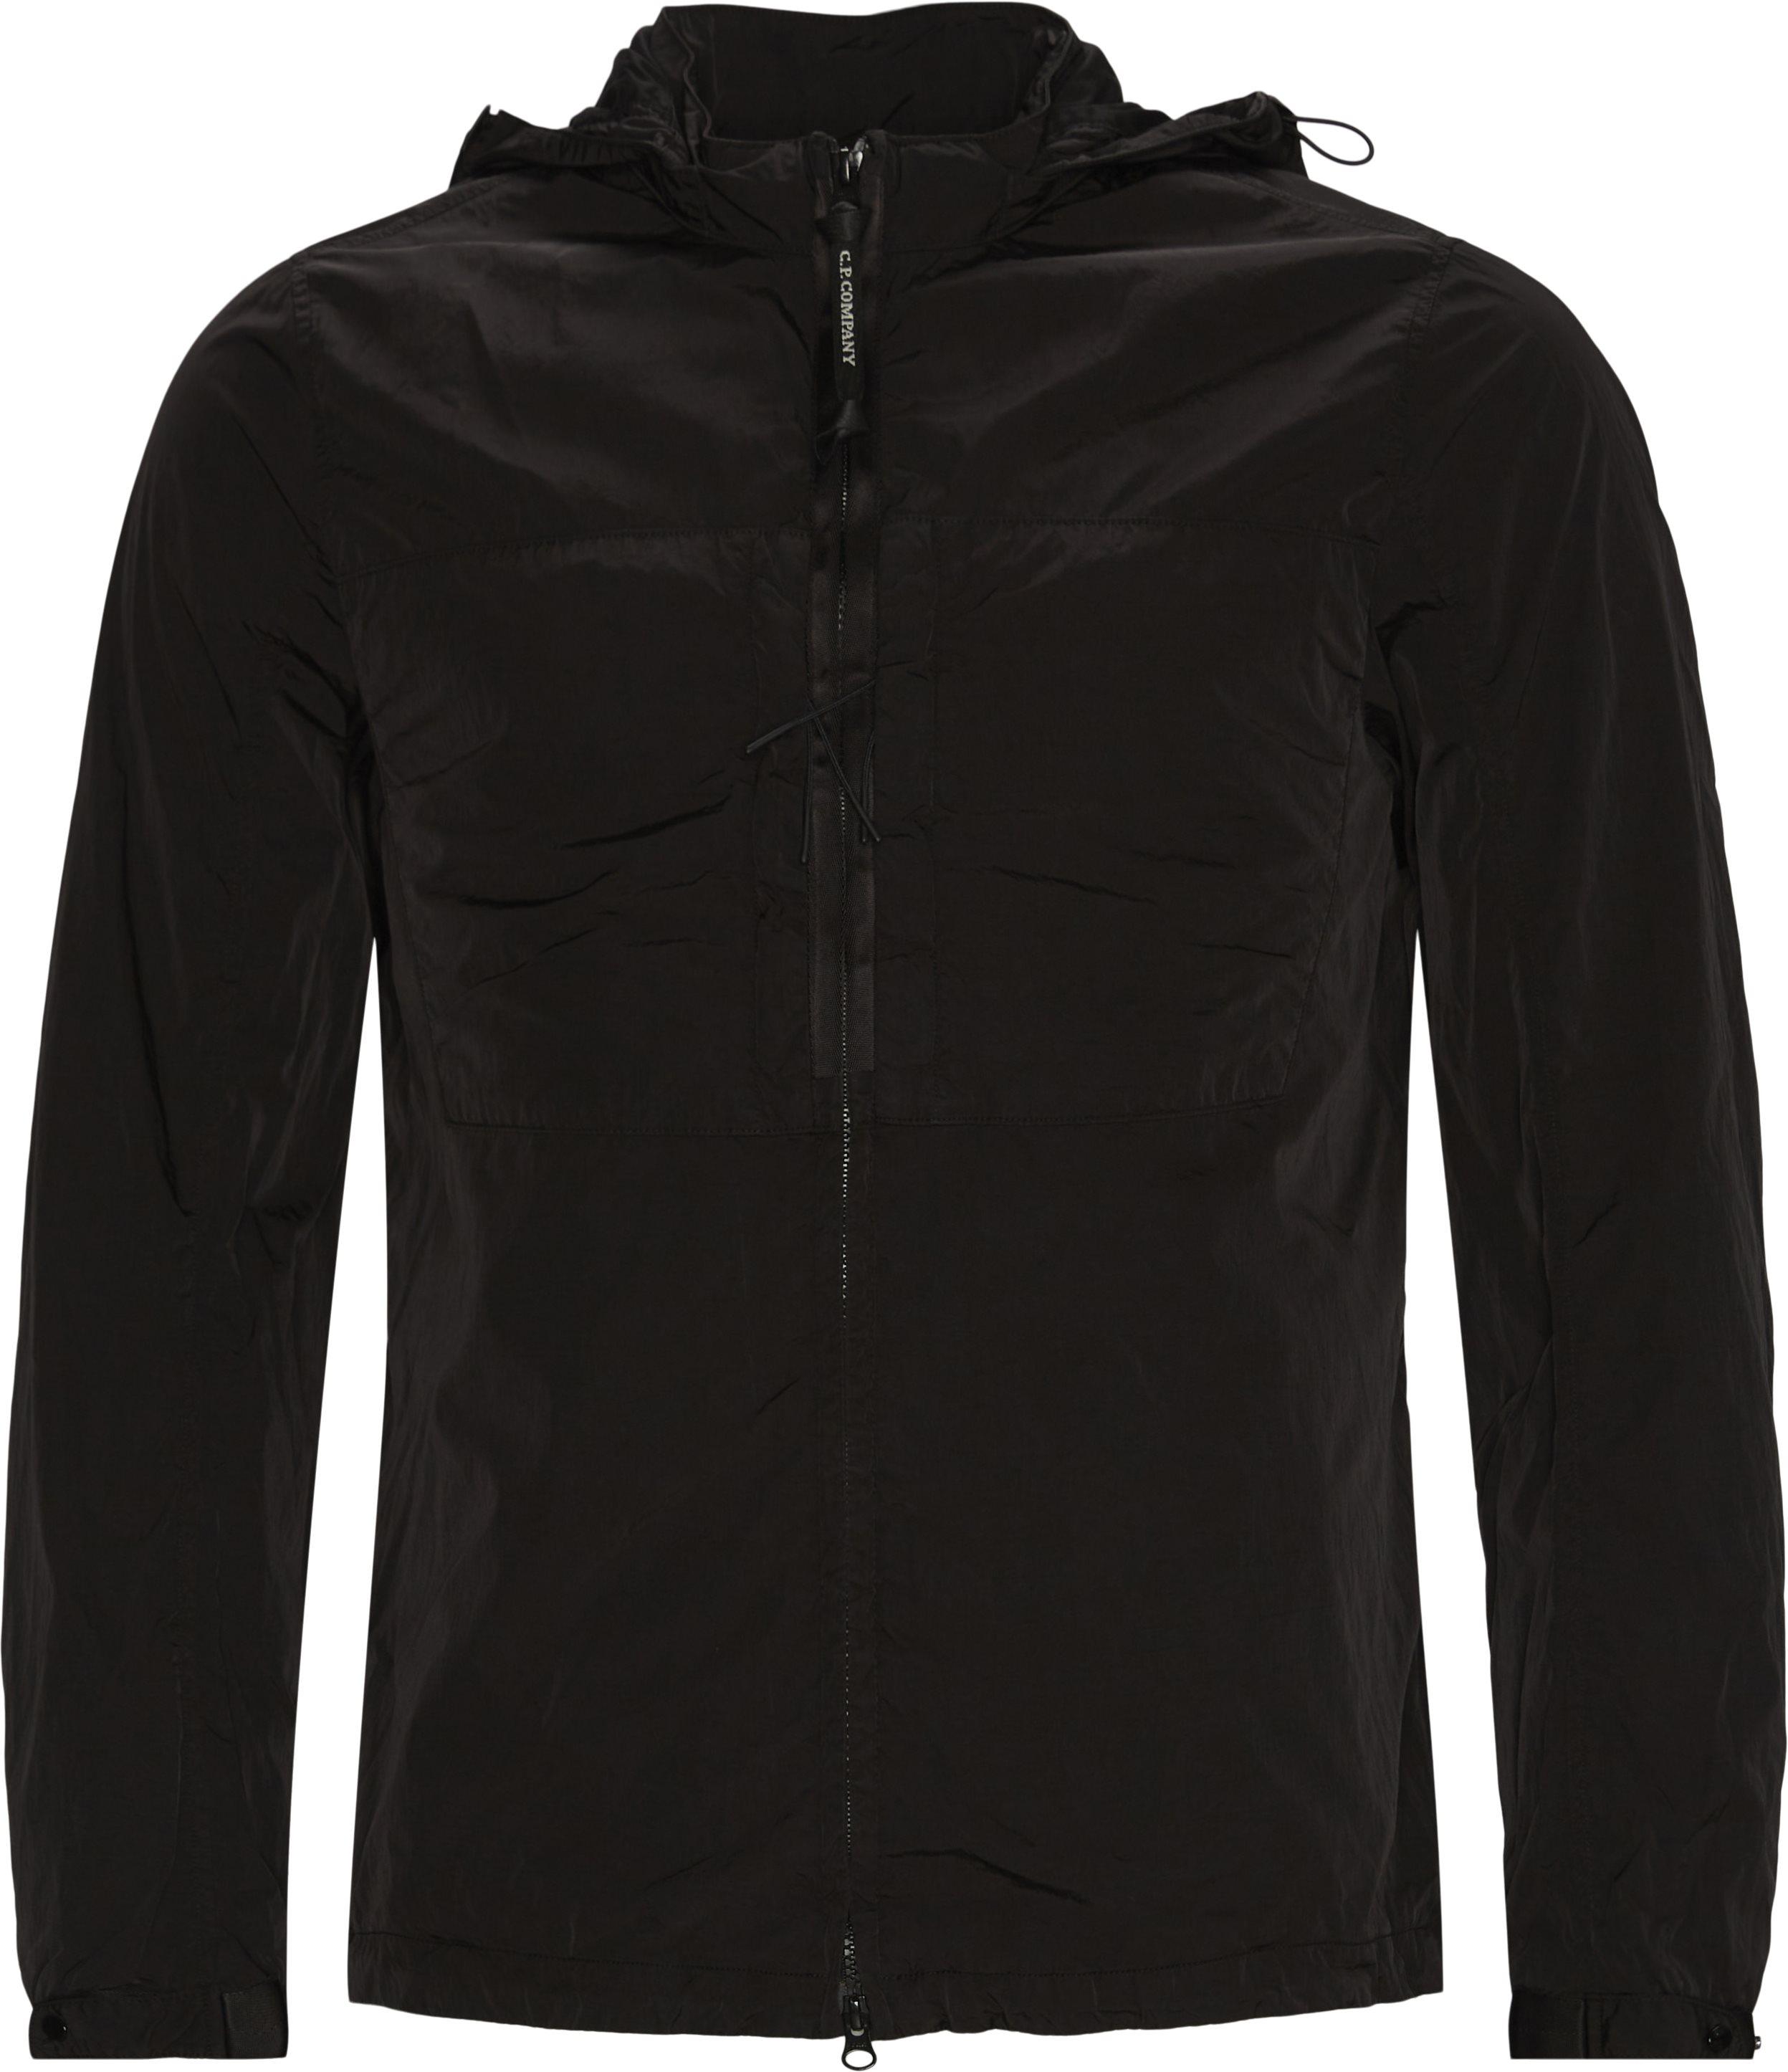 Goggle Jacket - Skjorter - Regular fit - Sort